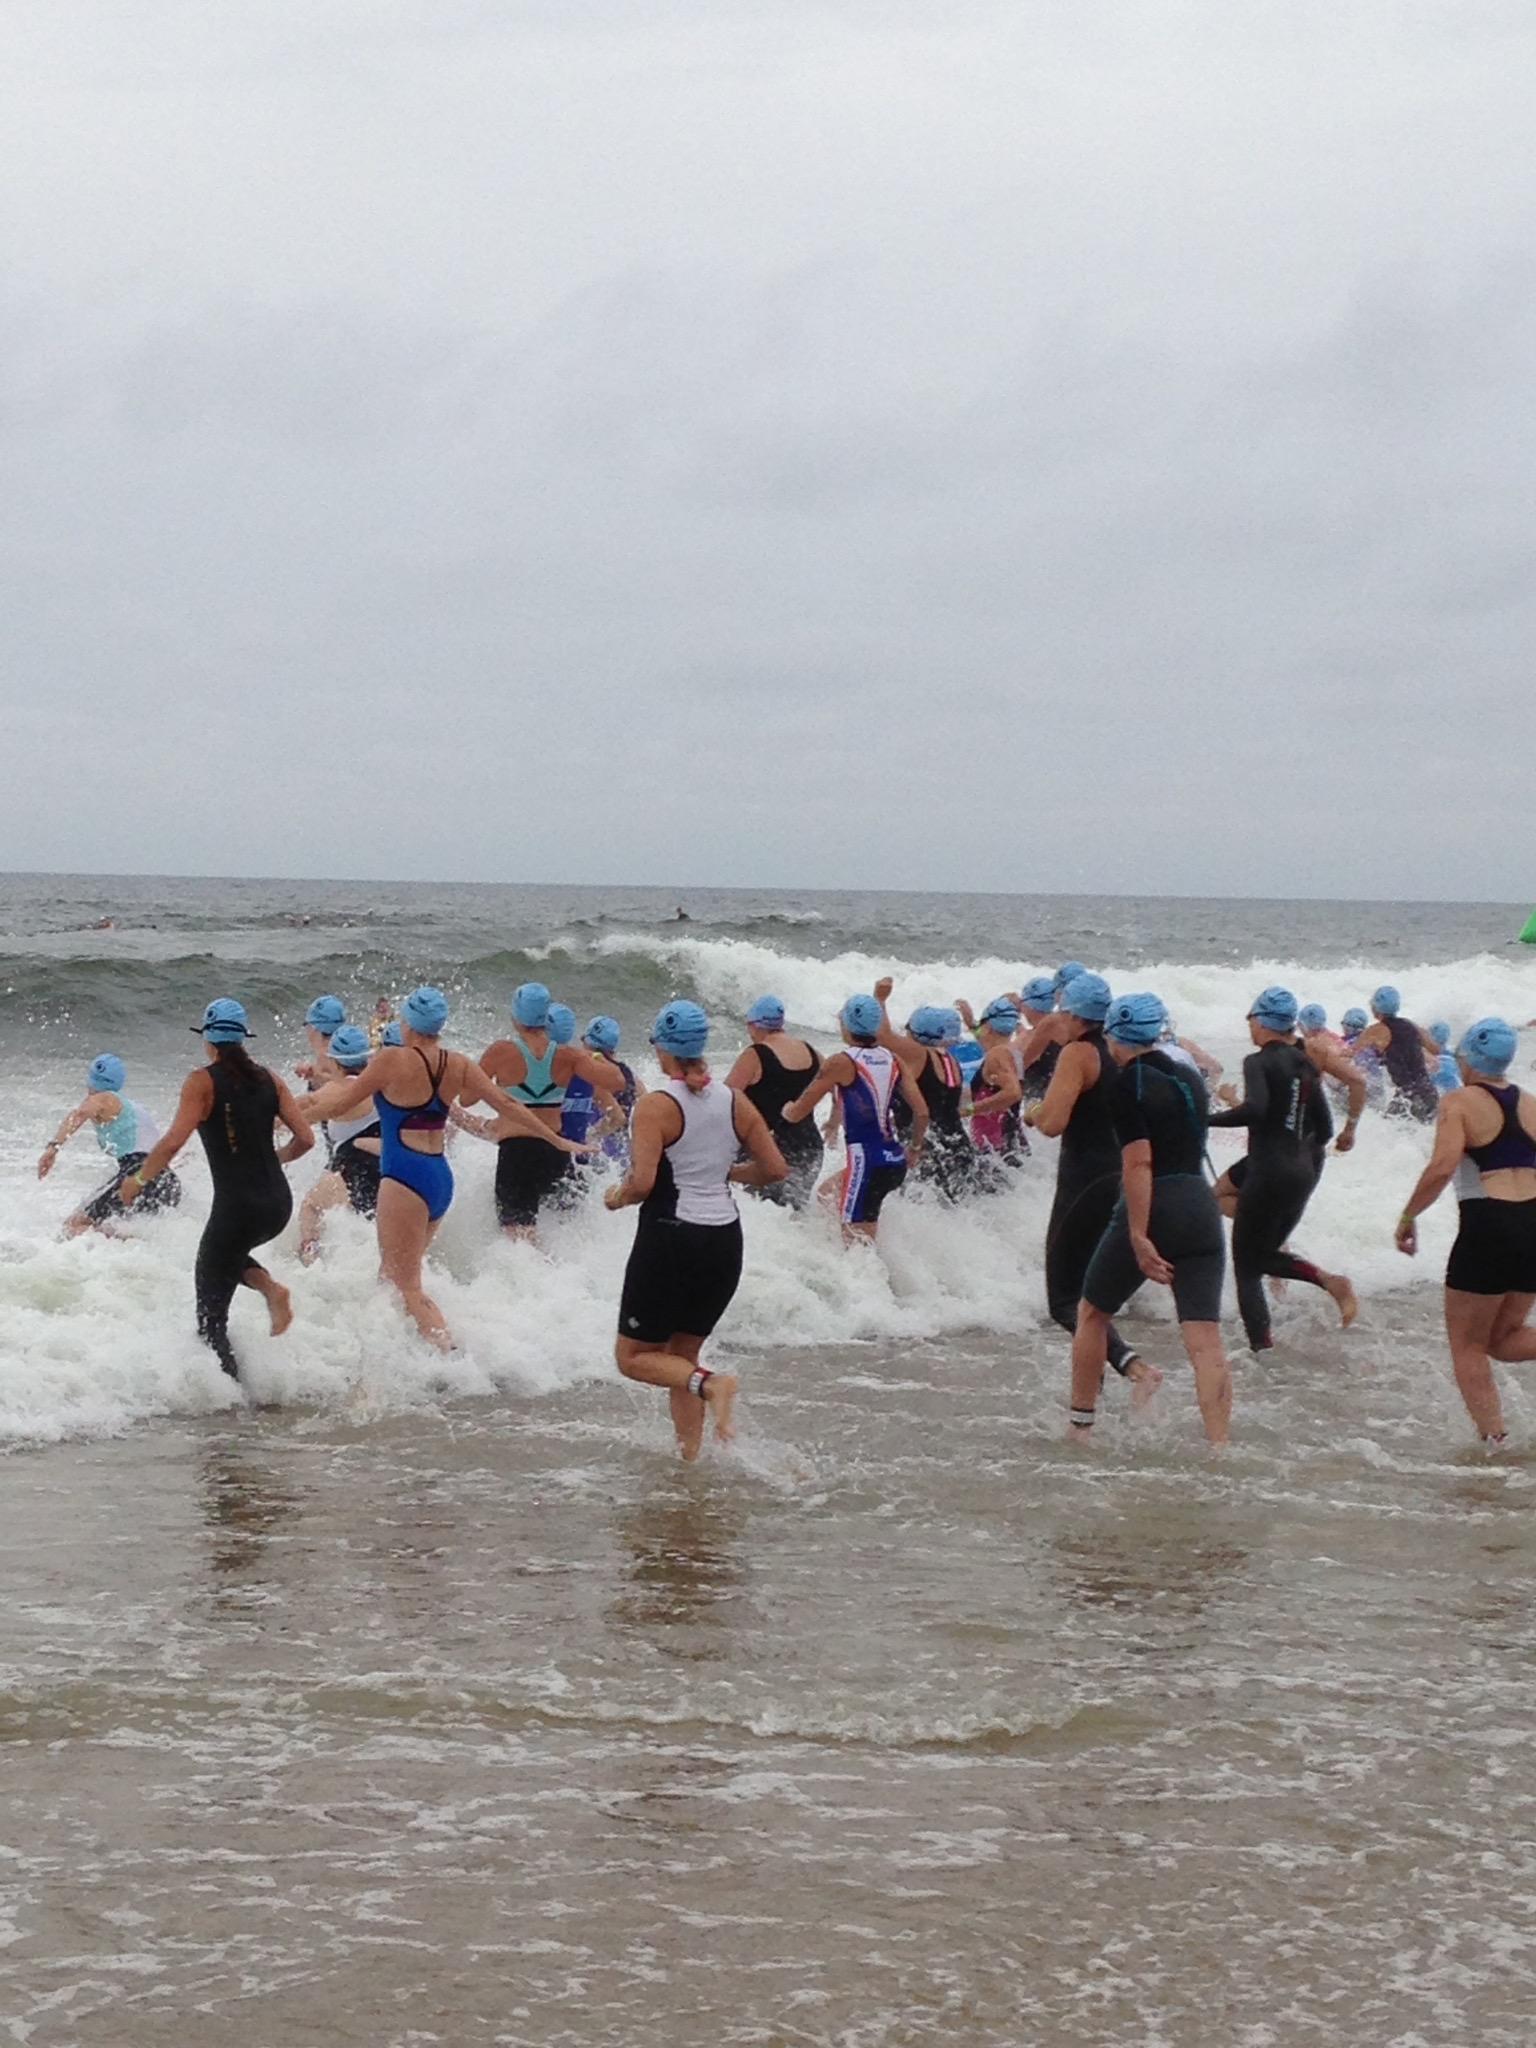 Triathlon Tips for National Triathlon Week